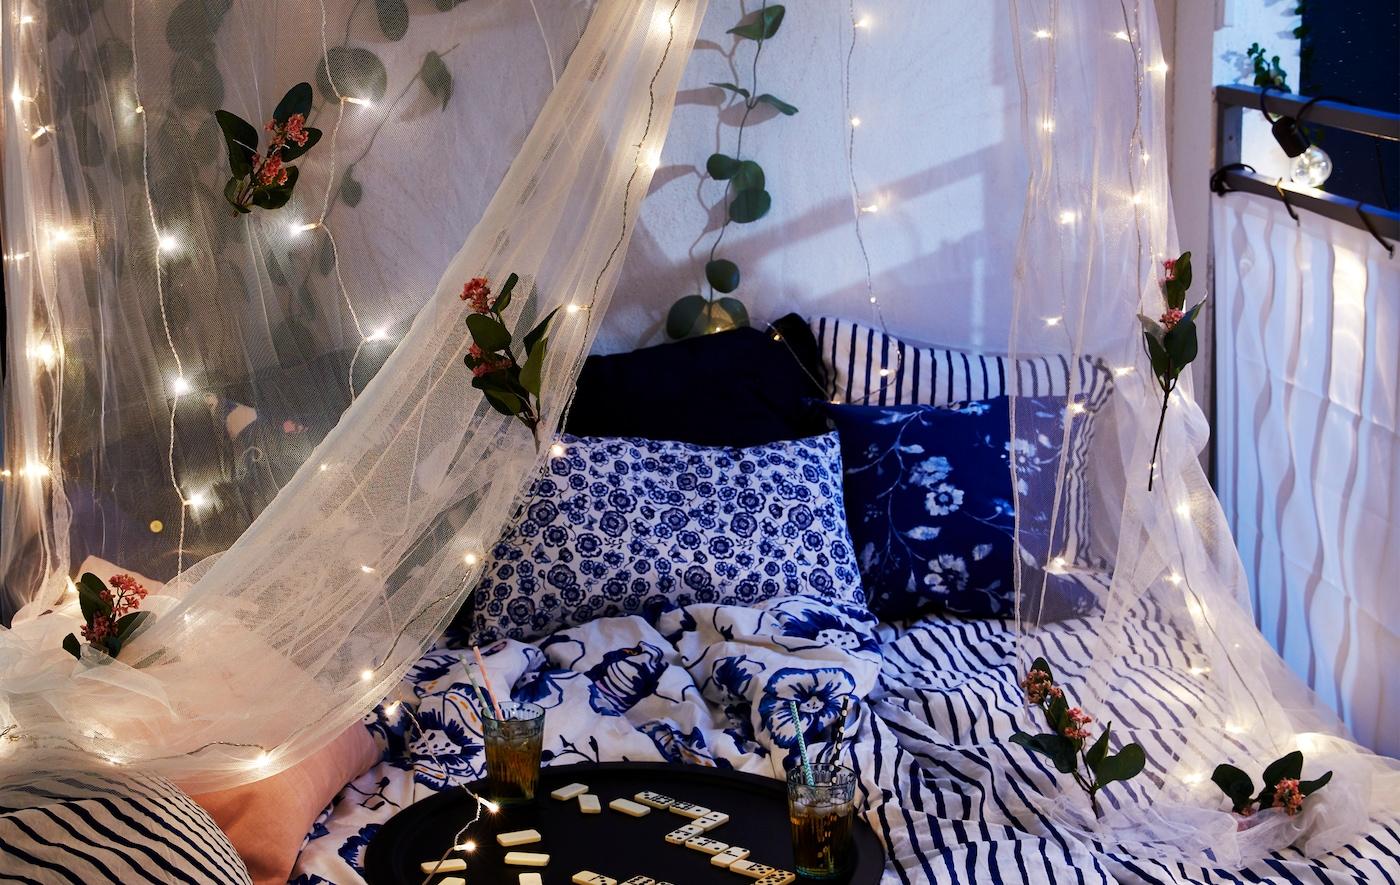 Cama larga numa varanda resguardada, com o mosquiteiro decorado com flores e iluminação LED, bebidas e peças de jogo num tabuleiro.